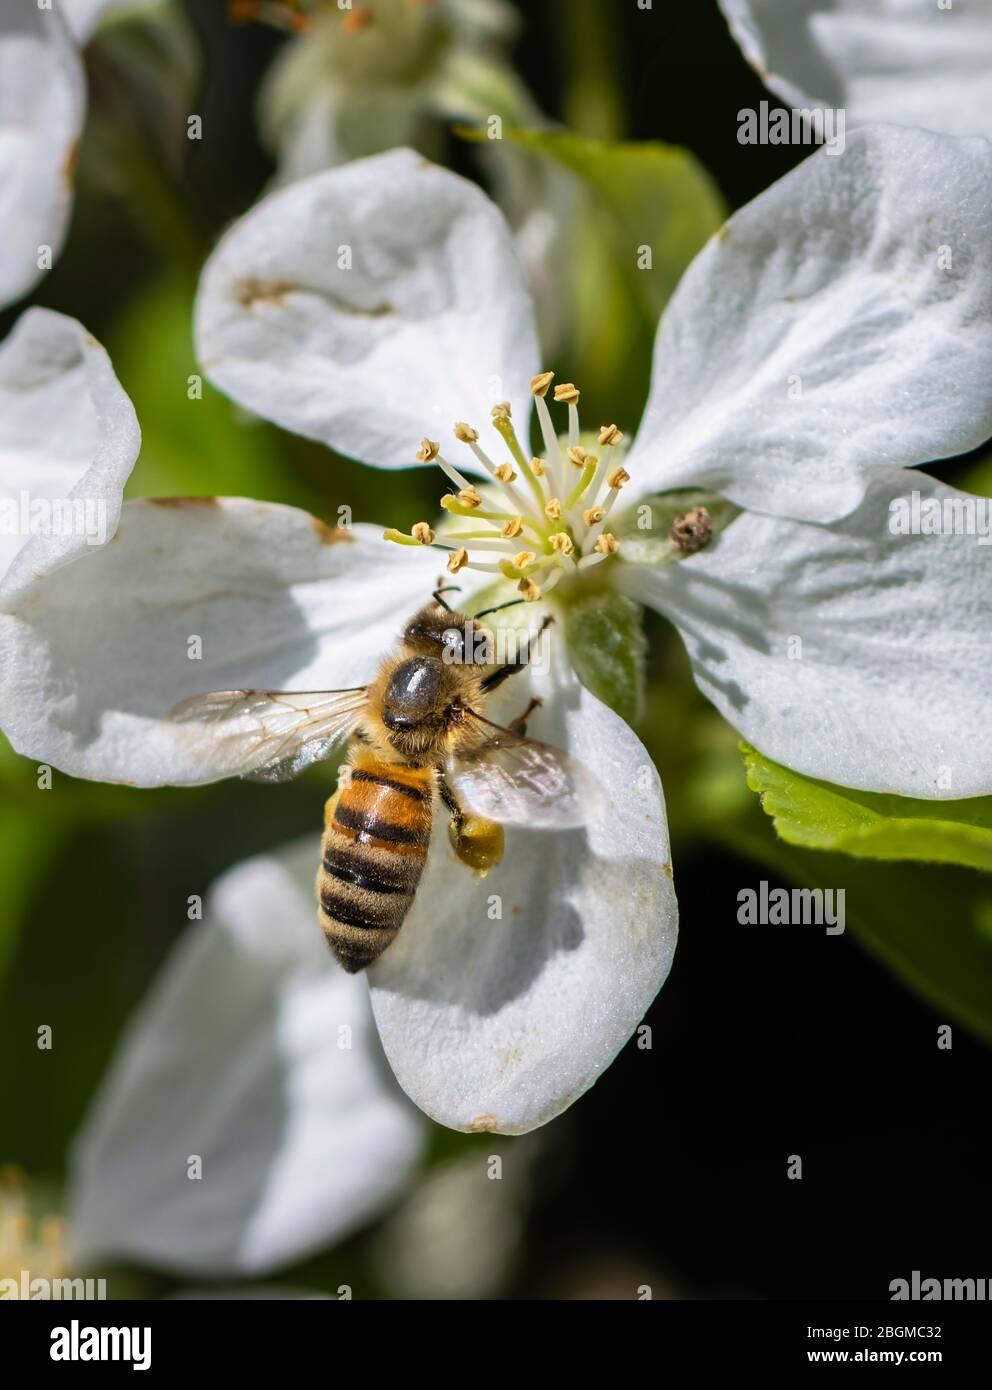 Minibeast: Une abeille de miel de l'Ouest, APIS mellifera, recueille le nectar et le pollen des étamines d'une fleur de pommier blanche au printemps, Surrey Banque D'Images